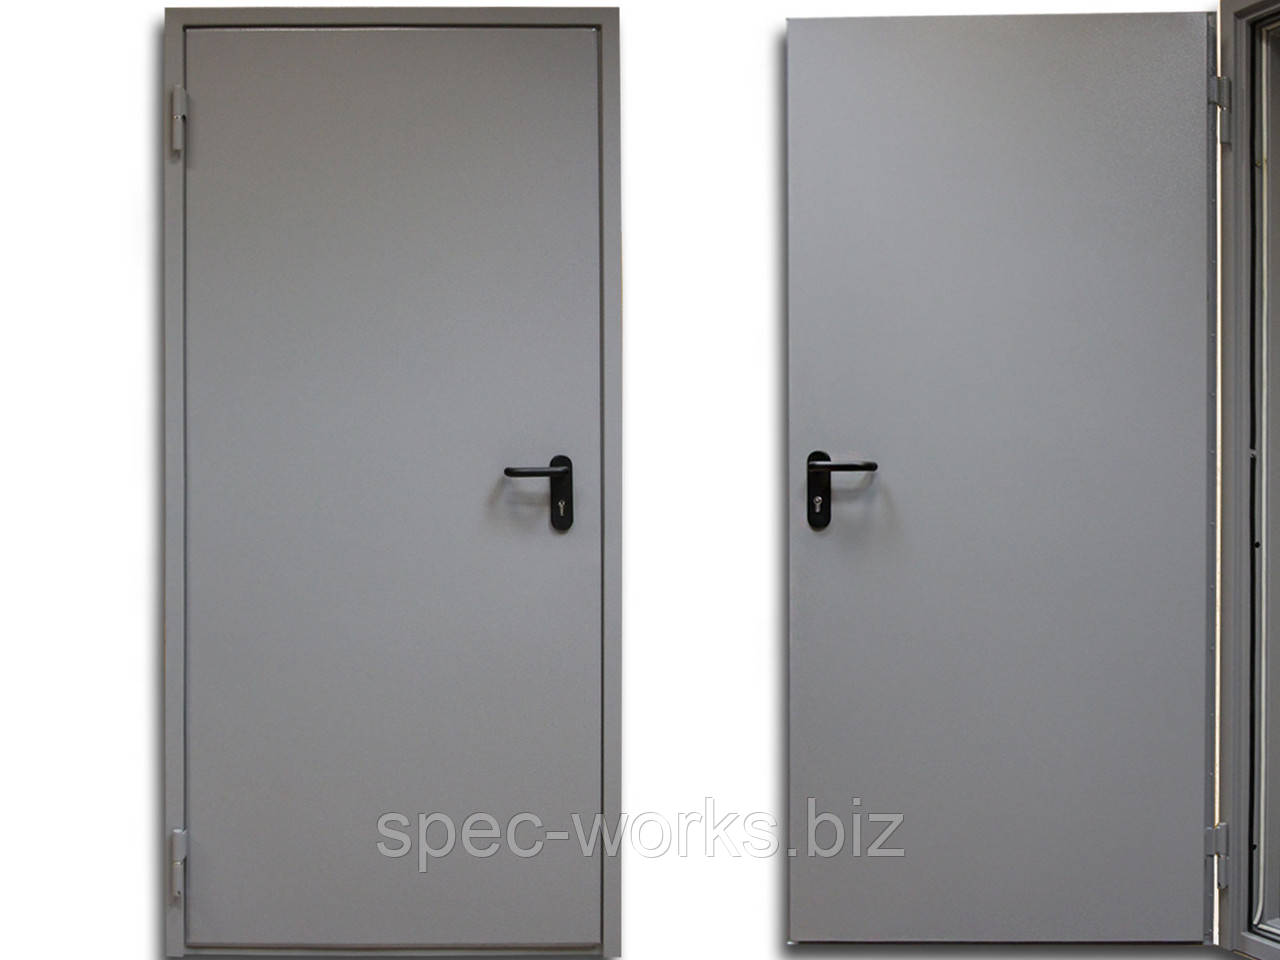 Противопожарная одностворчатая дверь ДПМ 60-1 1000 x 2100